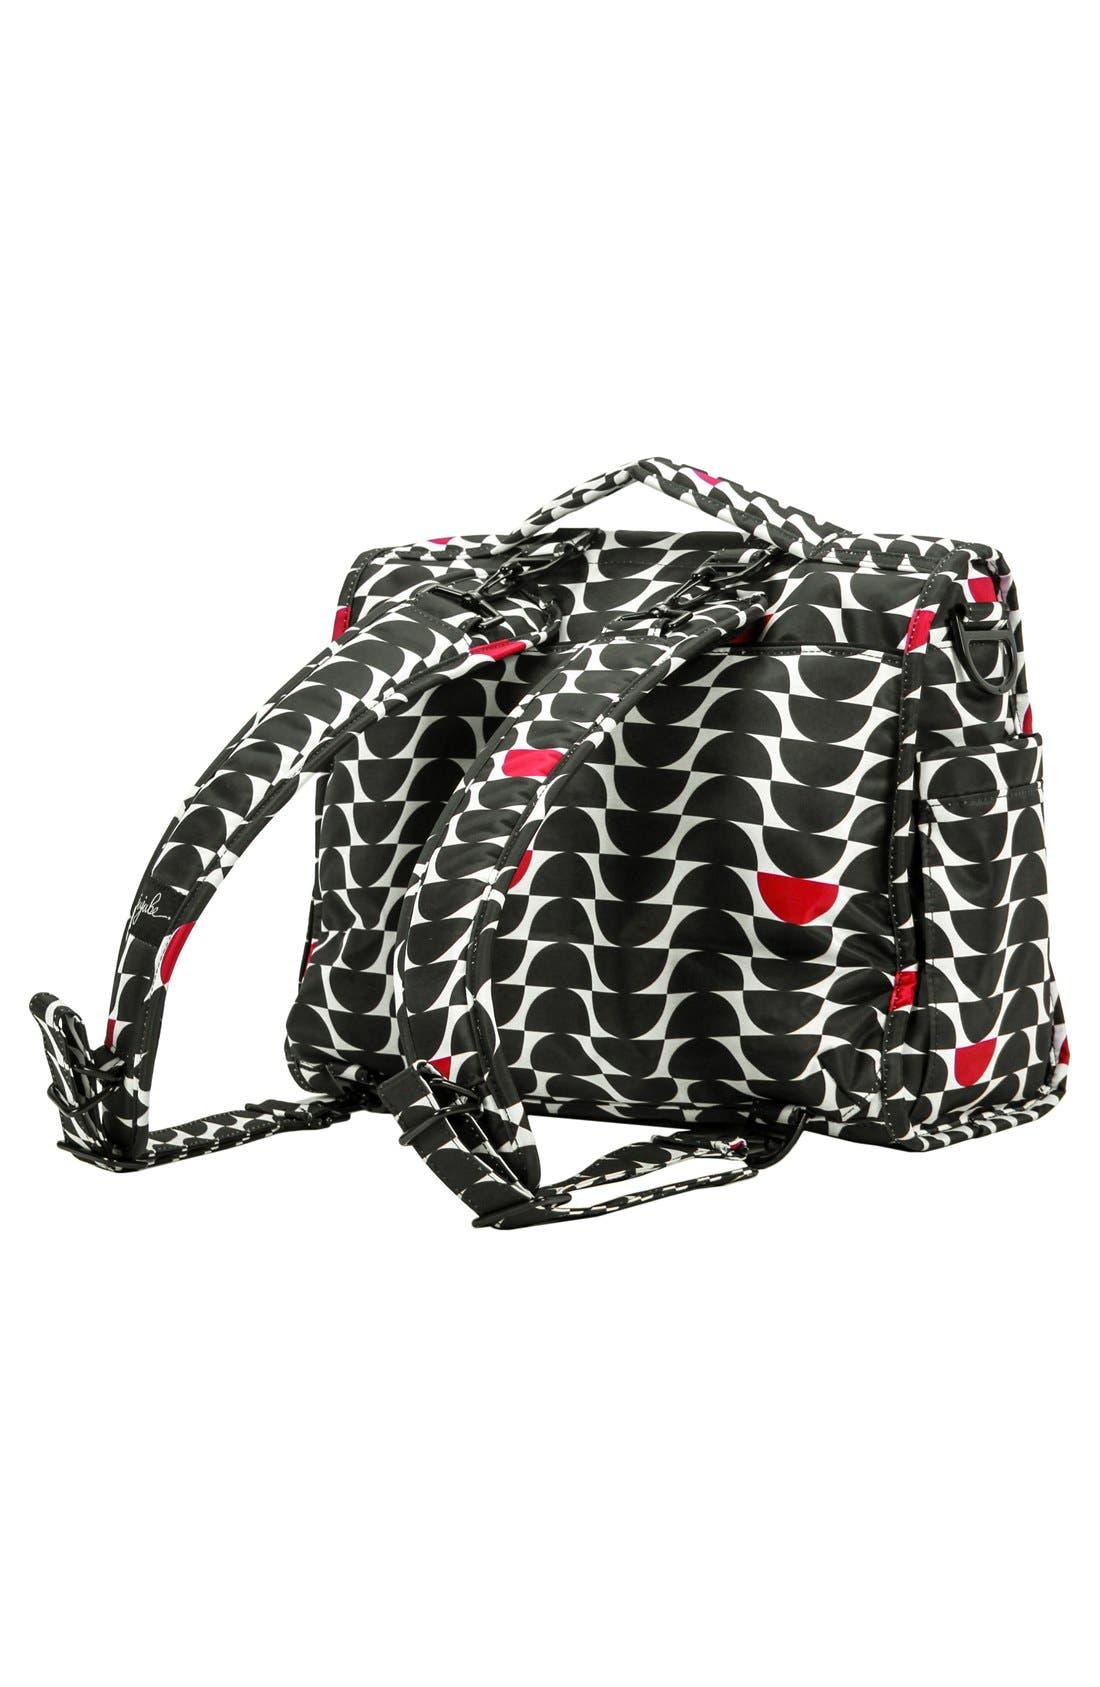 'BFF' Diaper Bag,                             Alternate thumbnail 3, color,                             006